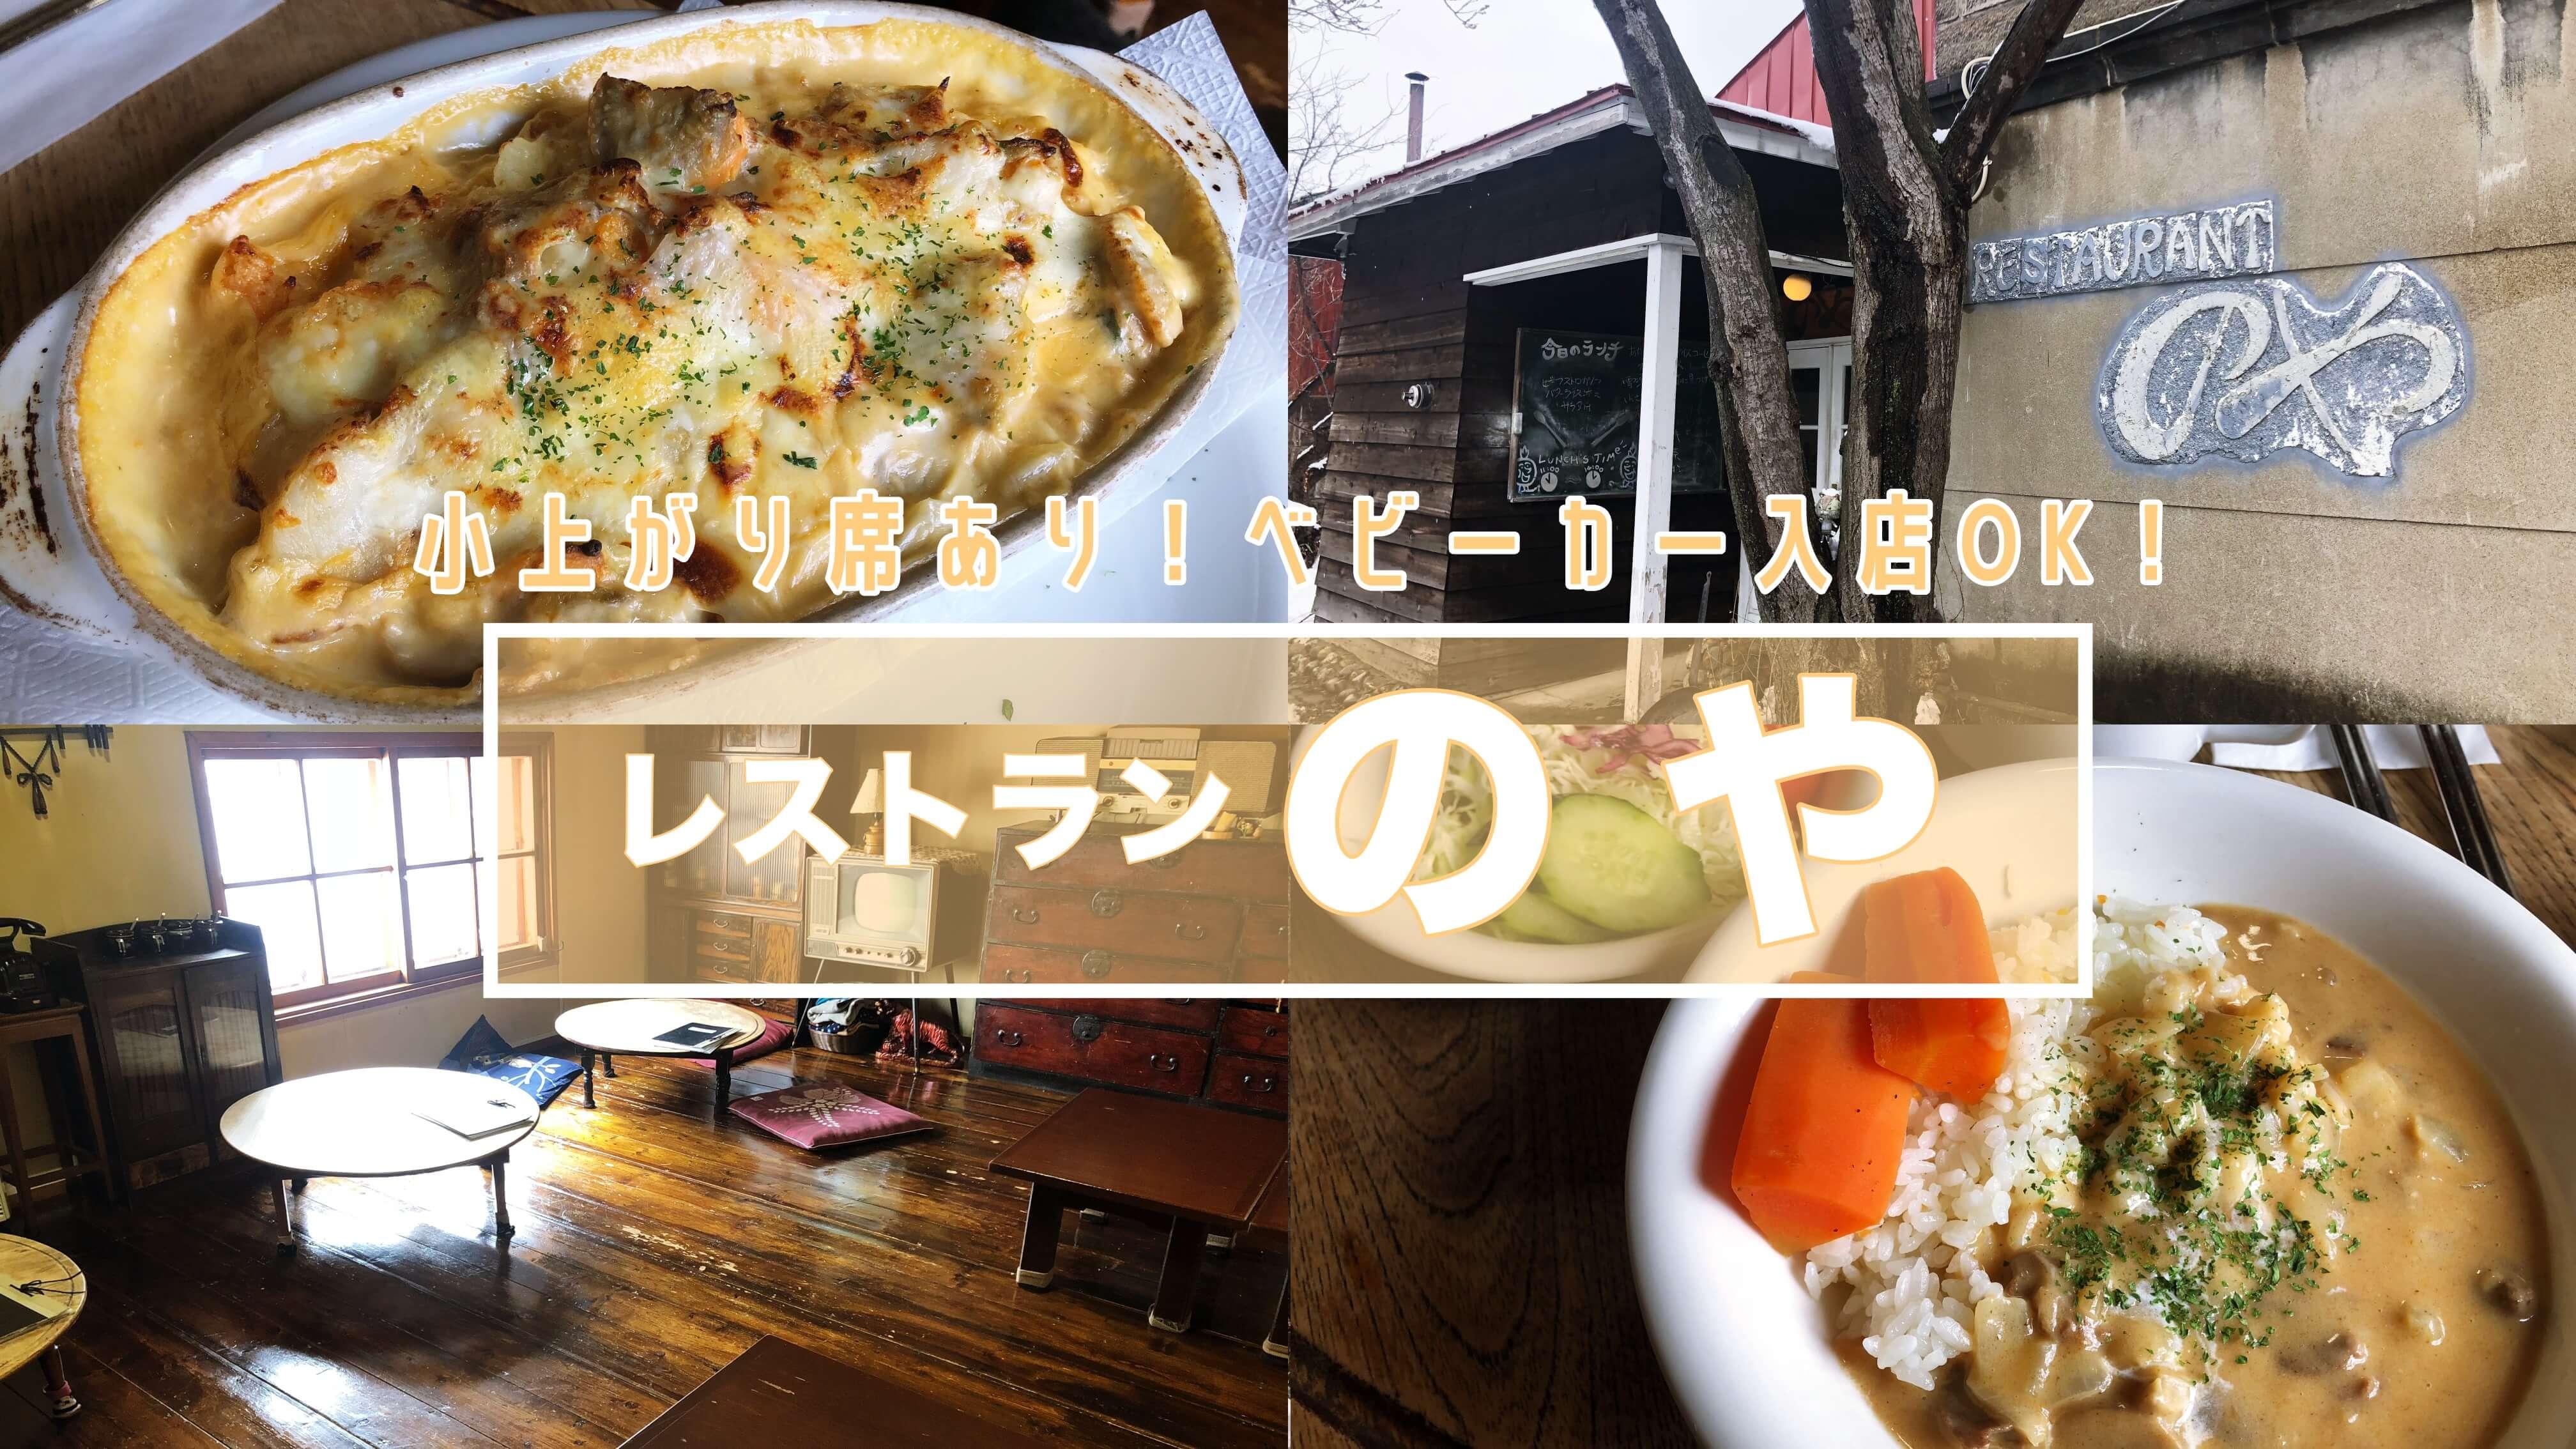 札幌市中央区子連れランチのや紹介